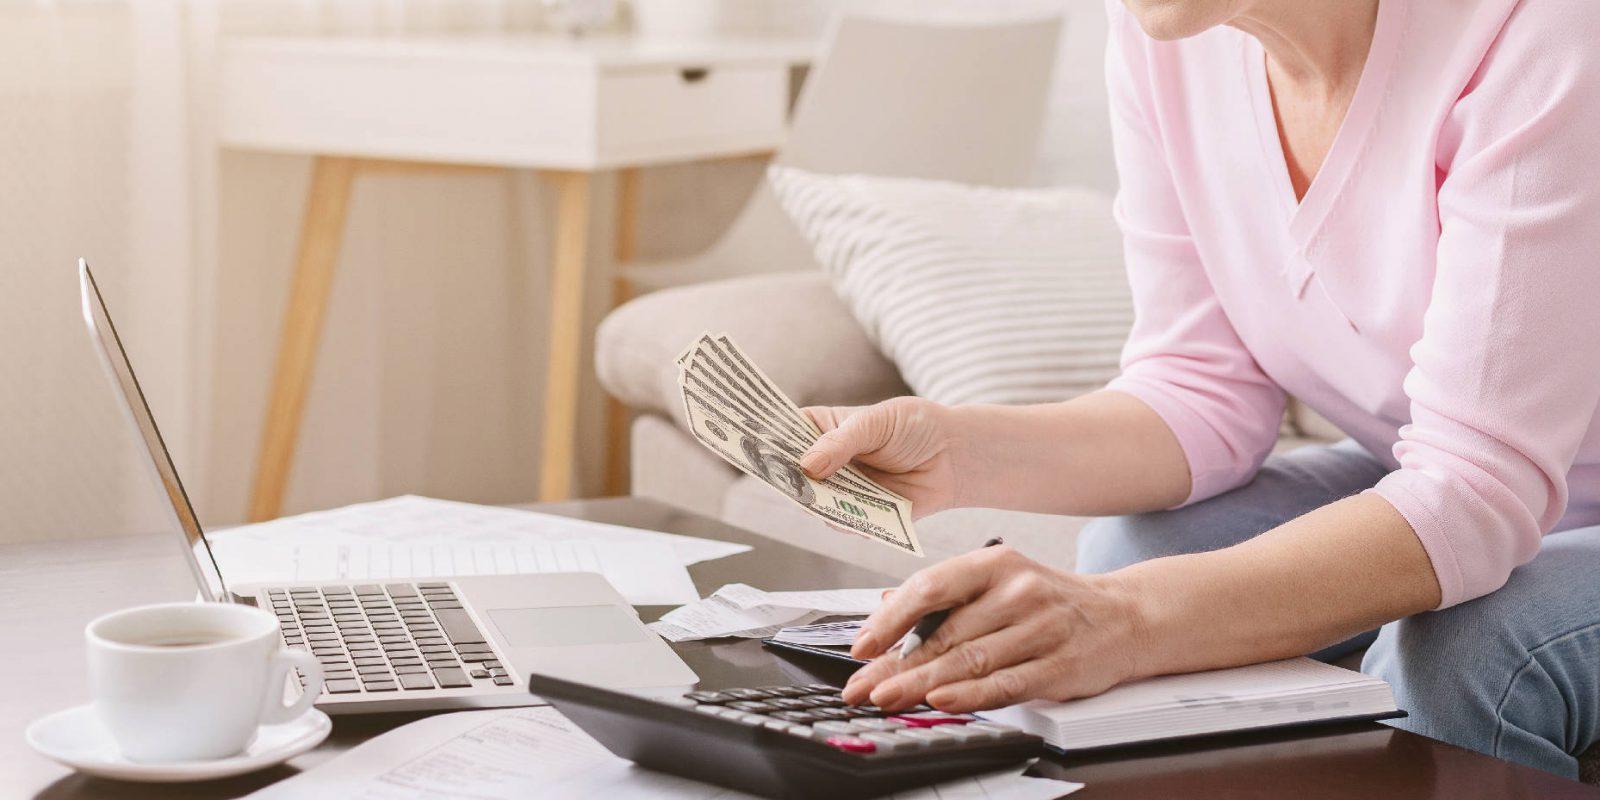 Jak wydawać mniej na zakupach? Porady dla oszczędnych